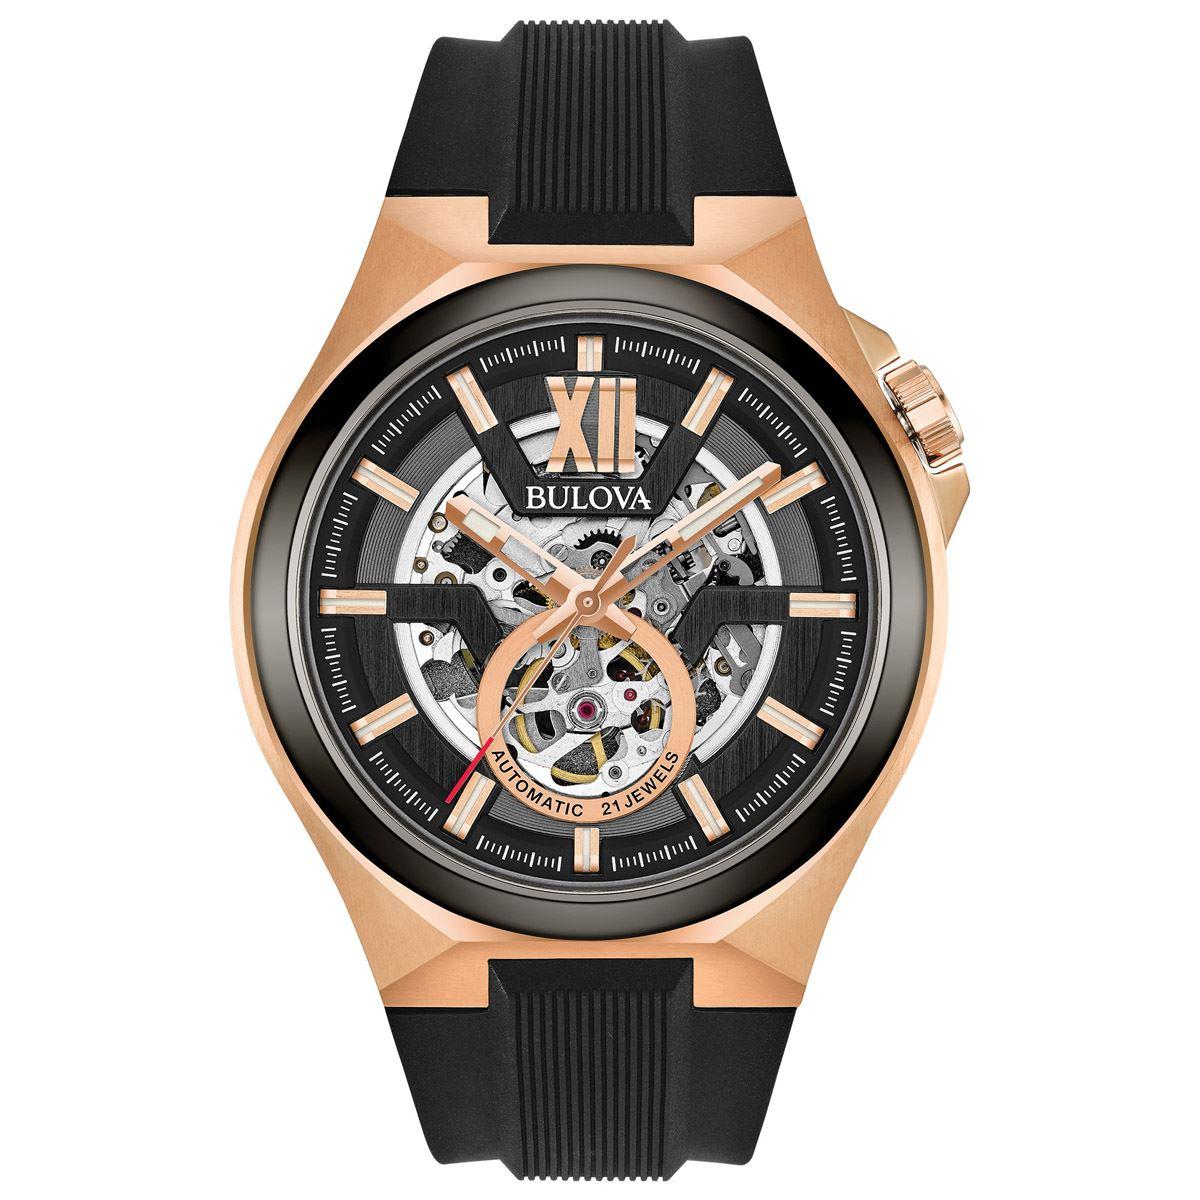 Reloj de pulso Bulova para Caballero